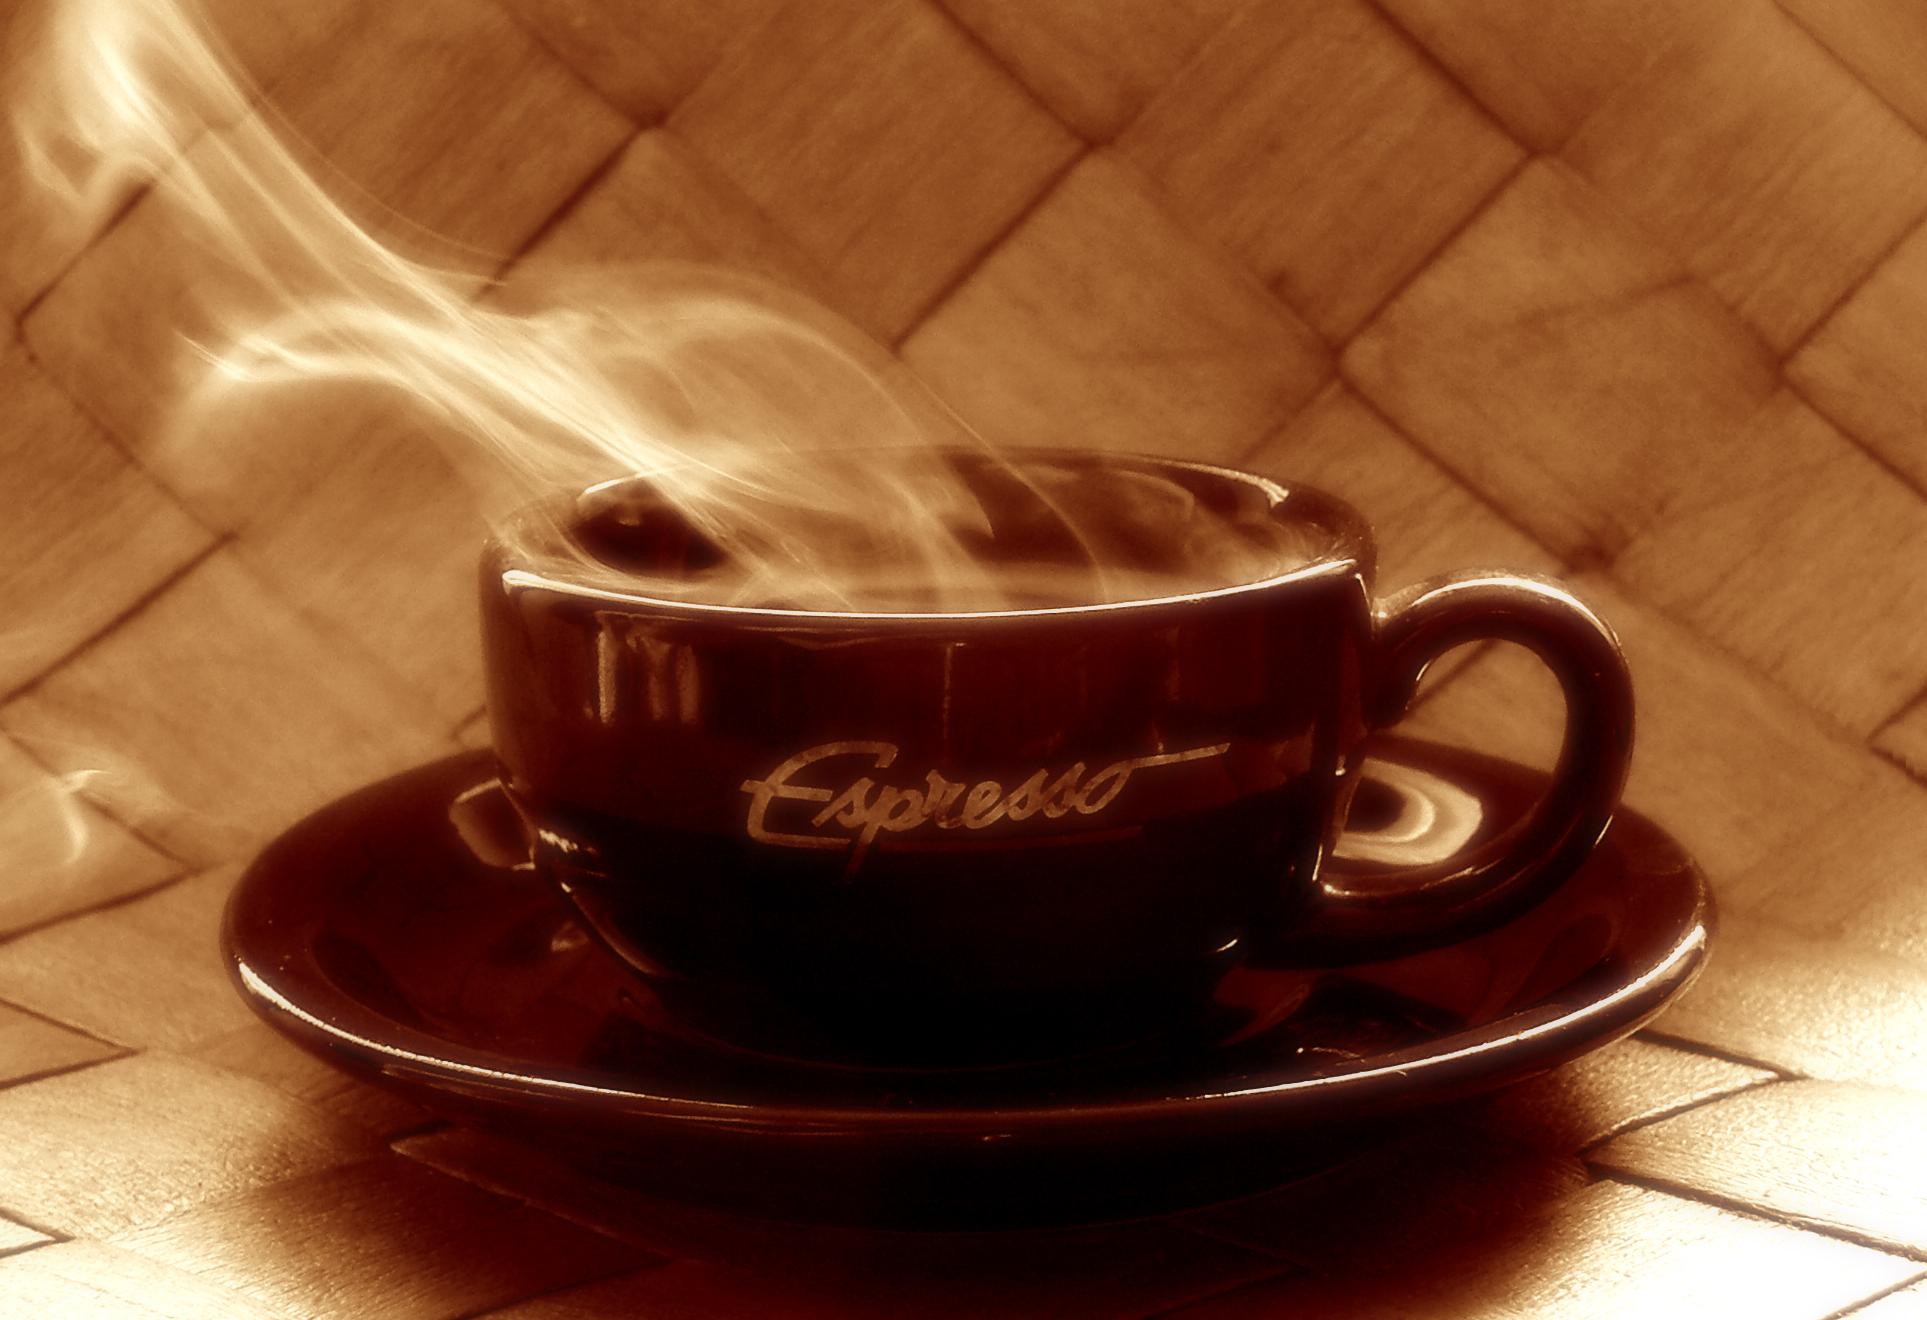 cofee wallpaper, Скачать обои для рабочего стола, чашка ароматного кофе